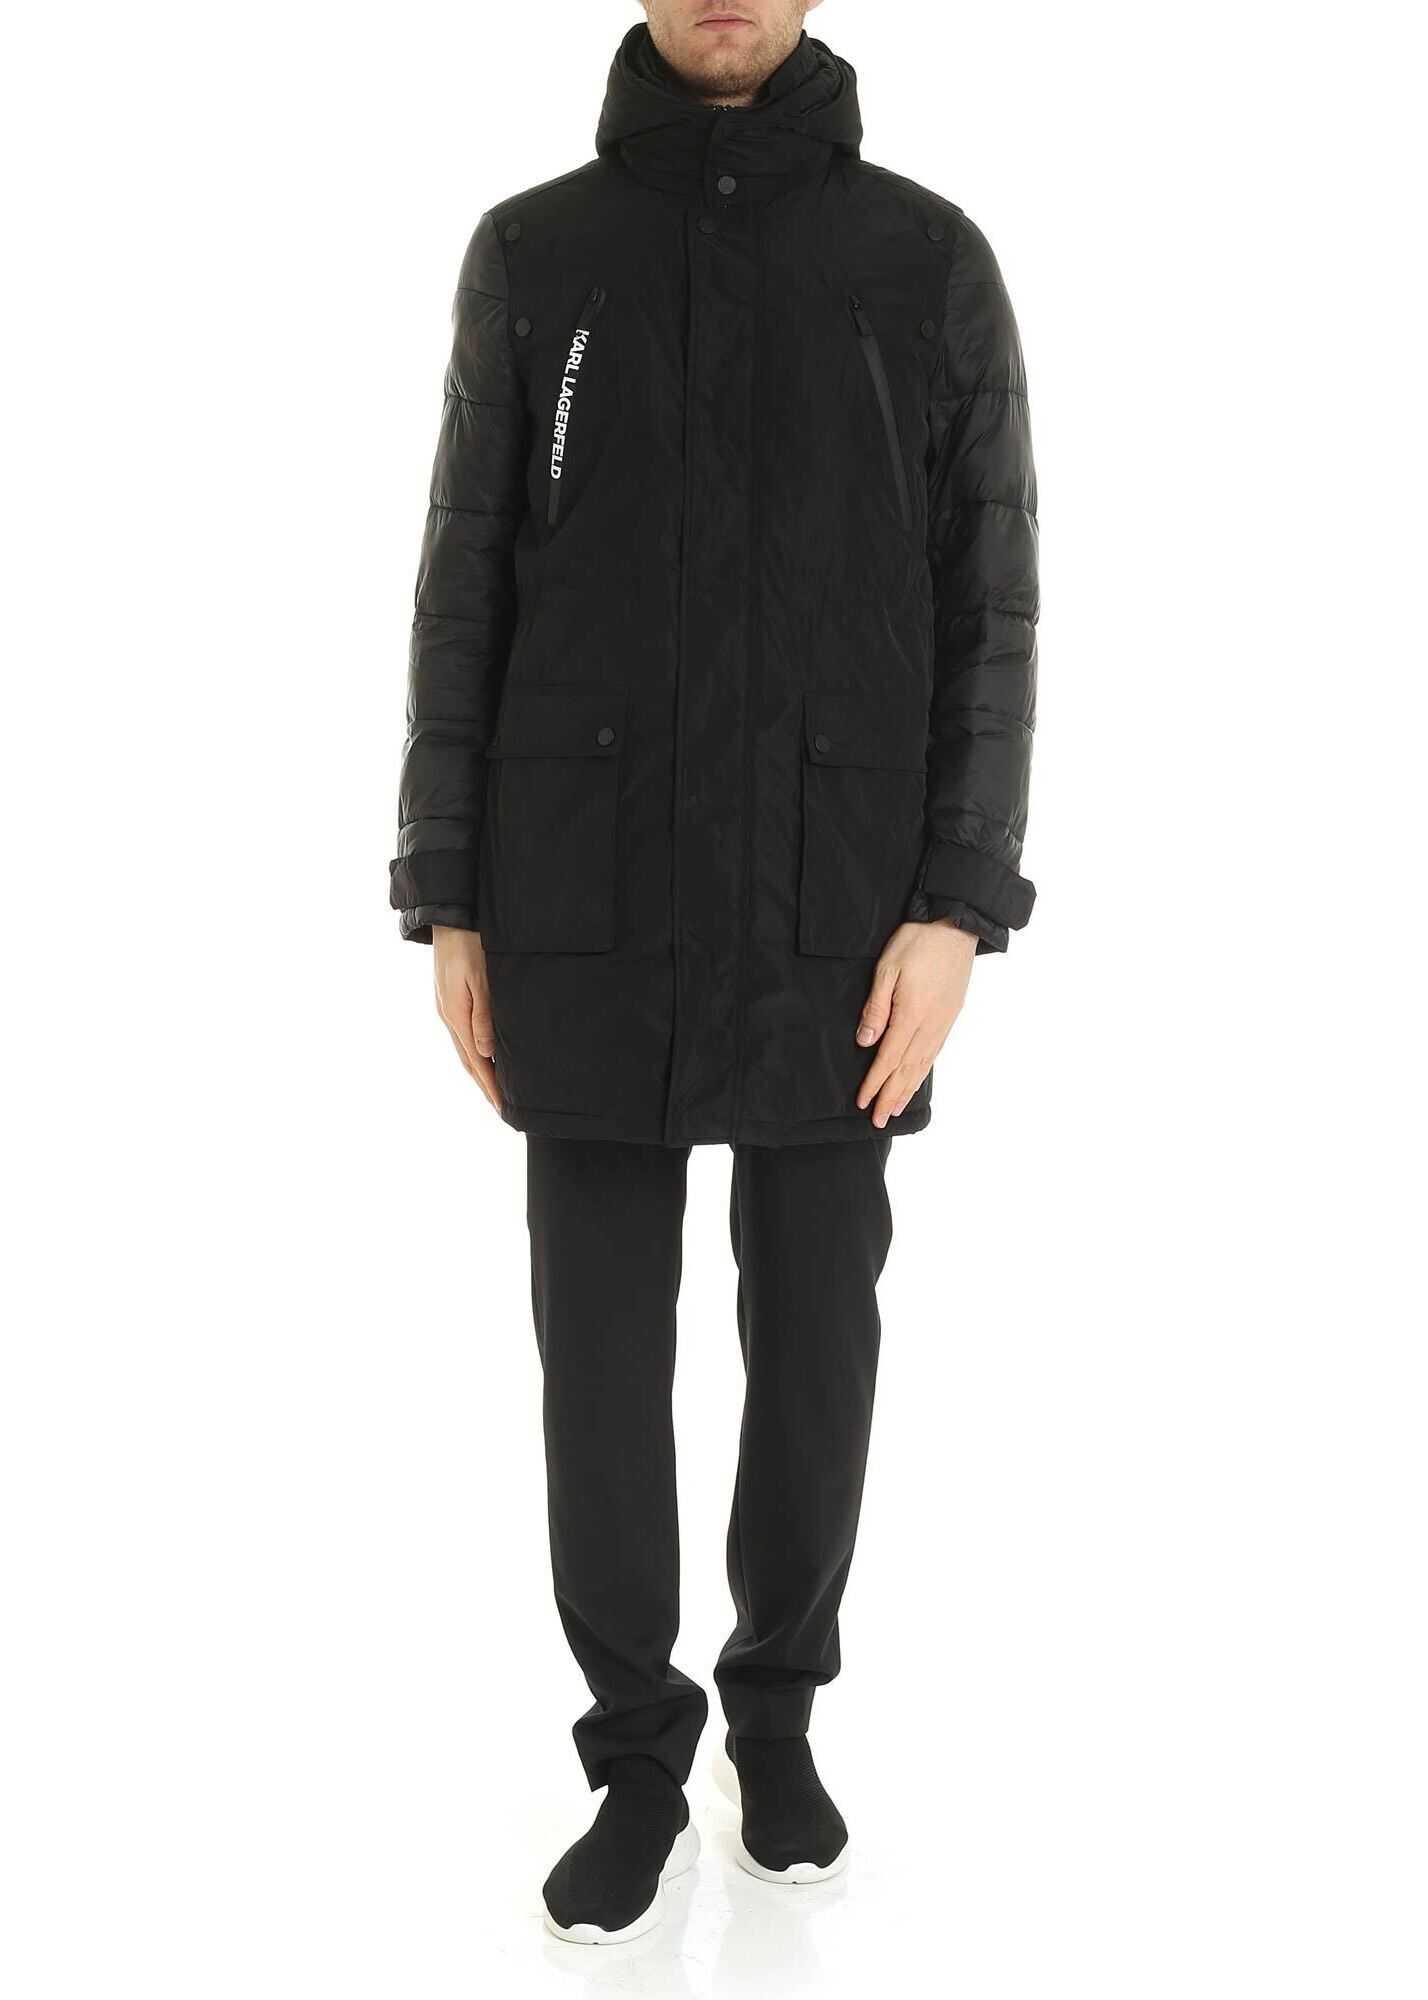 Karl Lagerfeld Hoodie Jacket In Black Black imagine